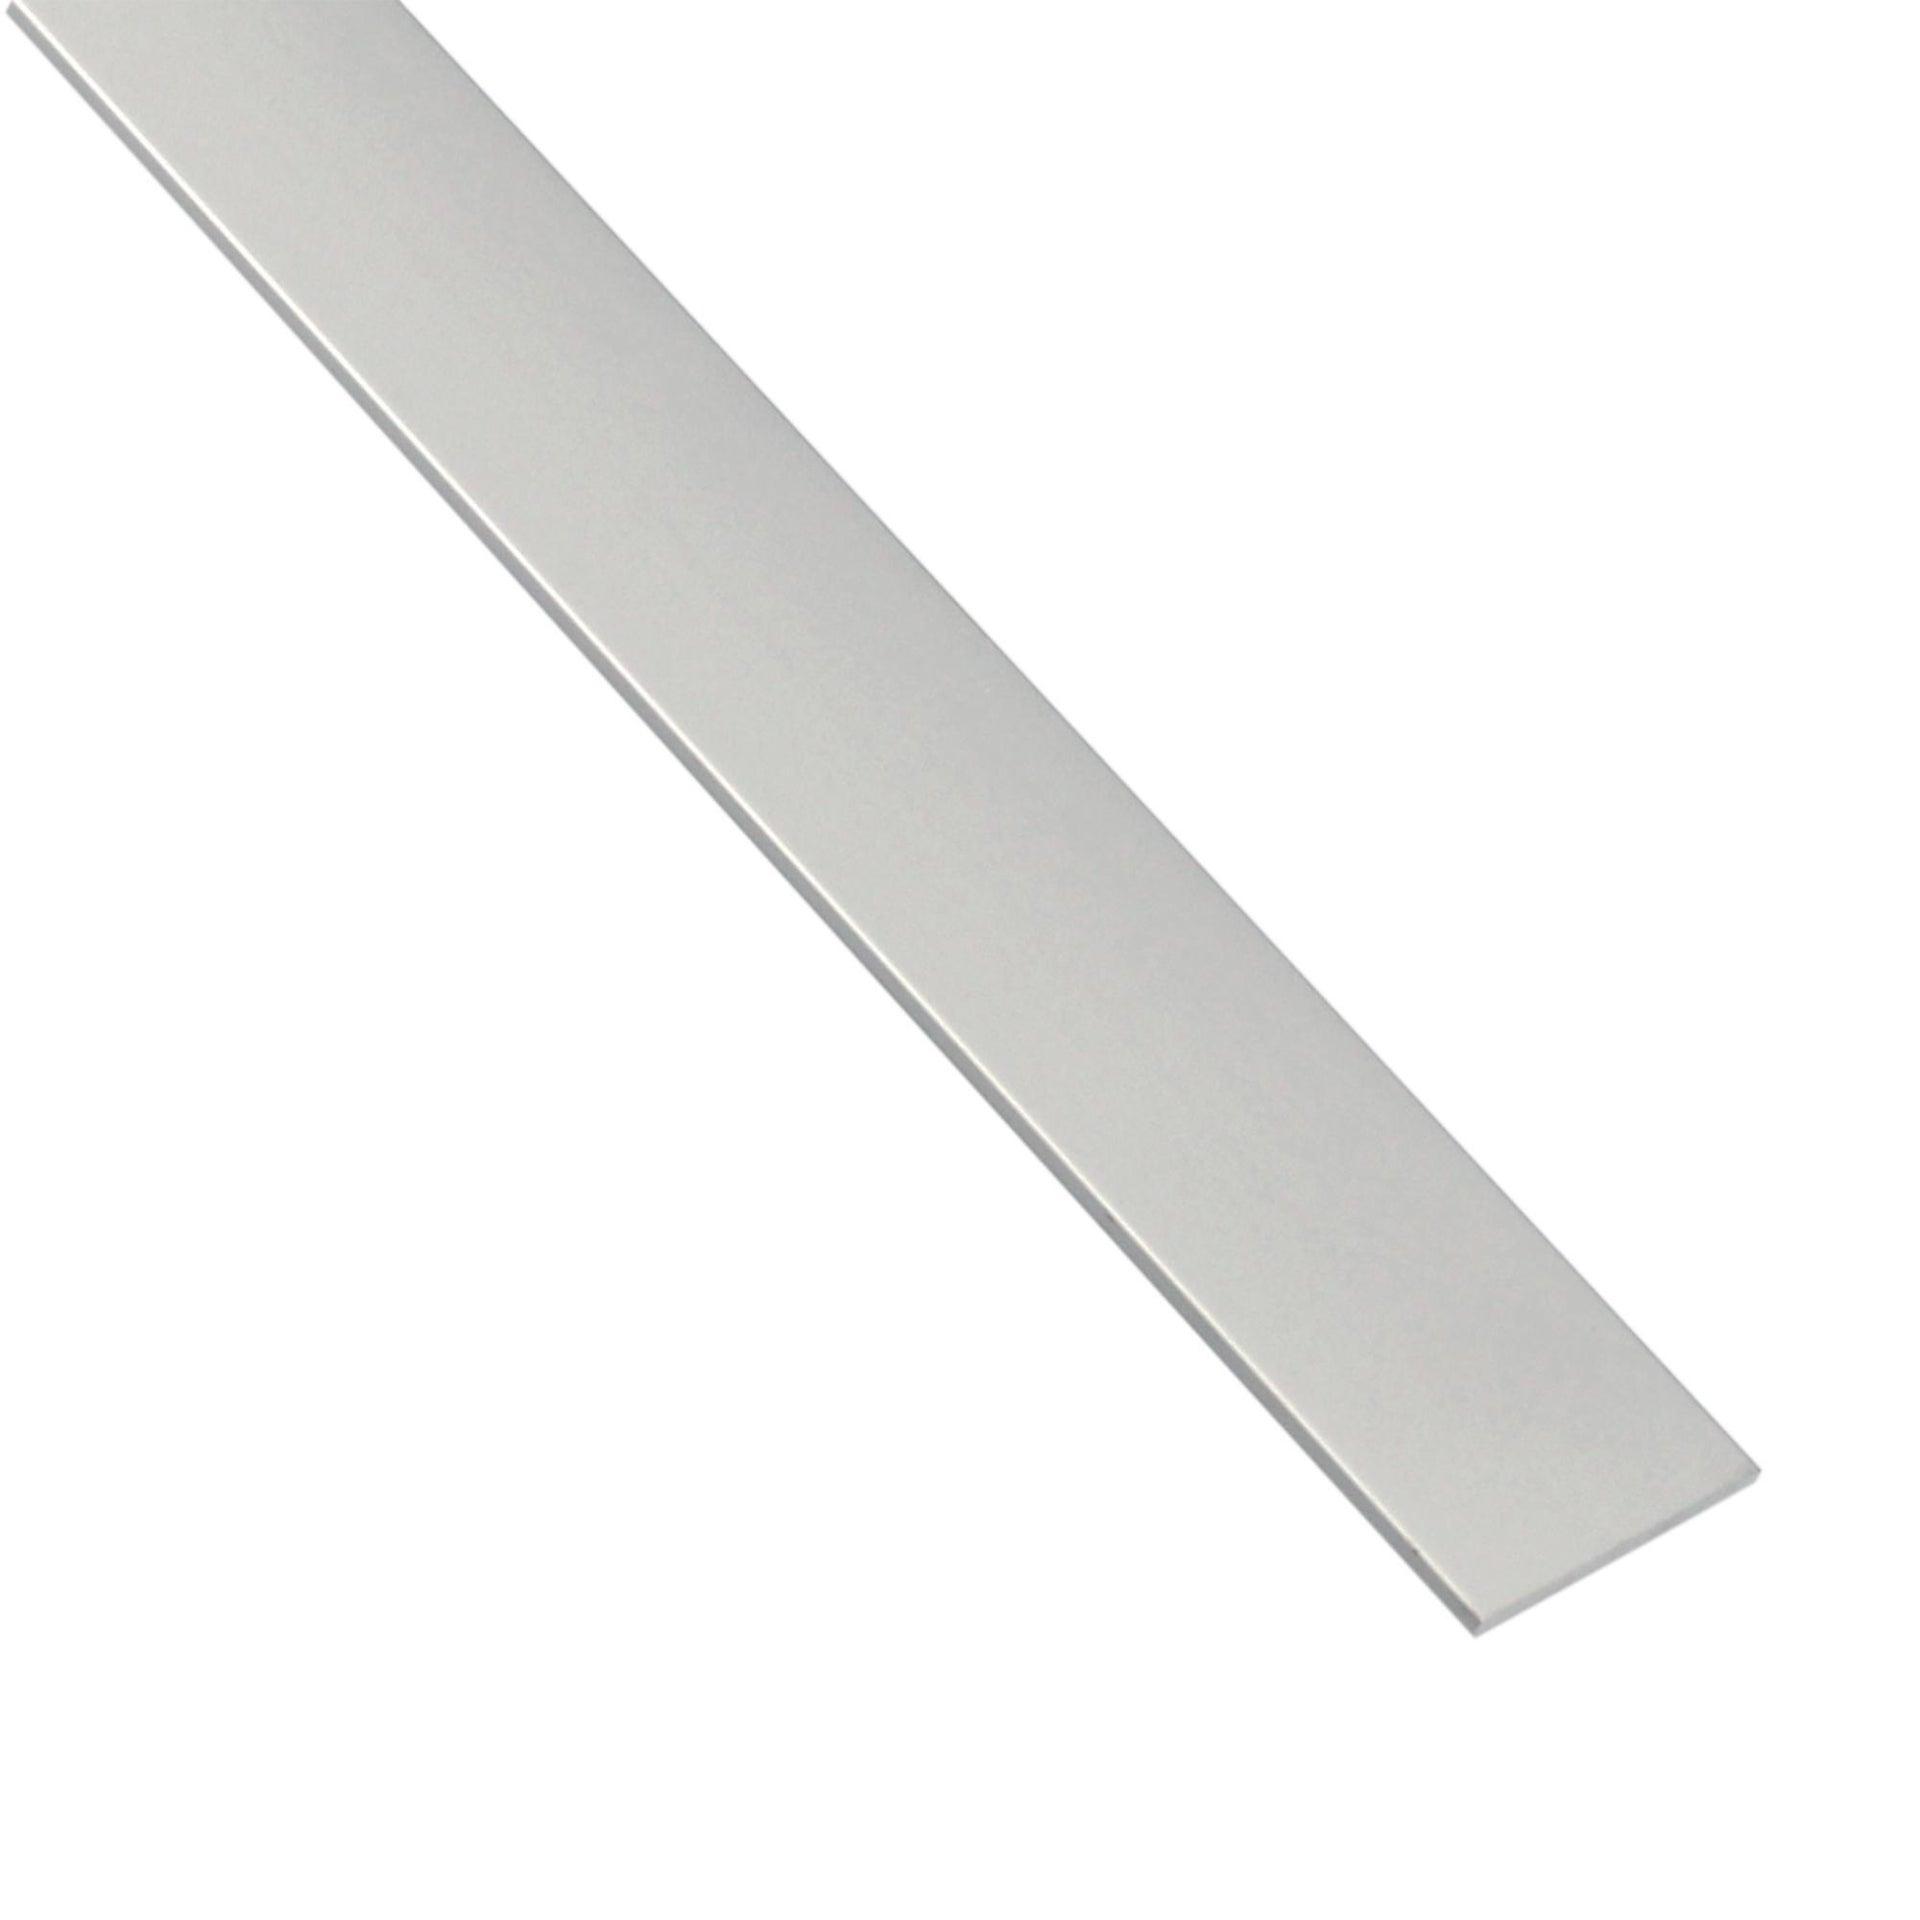 Profilo piatto STANDERS in alluminio 2.6 m x 5 cm grigio - 1